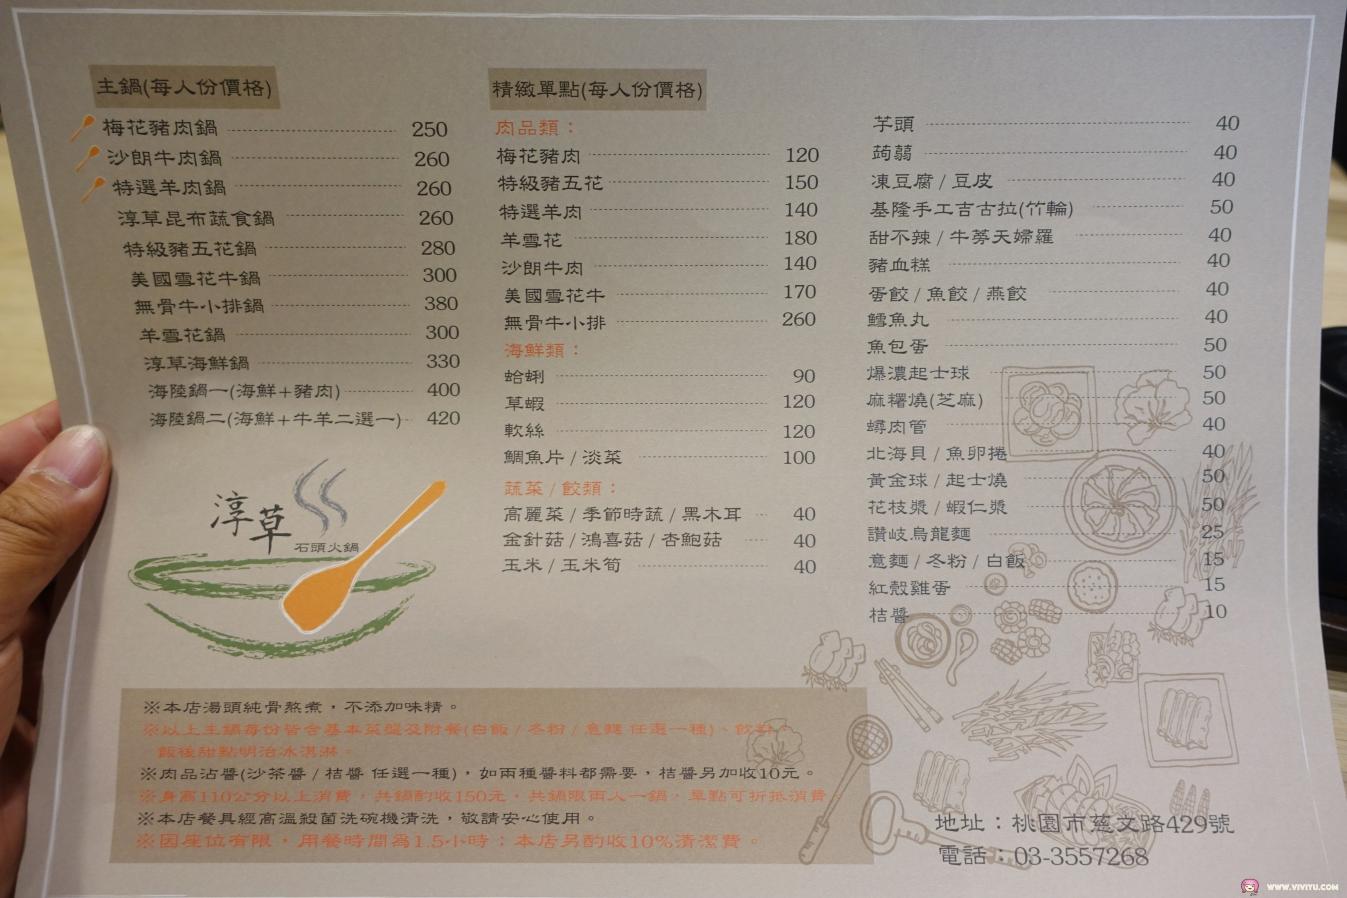 (關門大吉)[桃園美食]淳草石頭火鍋~位於慈文路蓮華寺附近.新開無煙迷你石頭火鍋店.飲料與明治冰淇淋吃到飽 @VIVIYU小世界